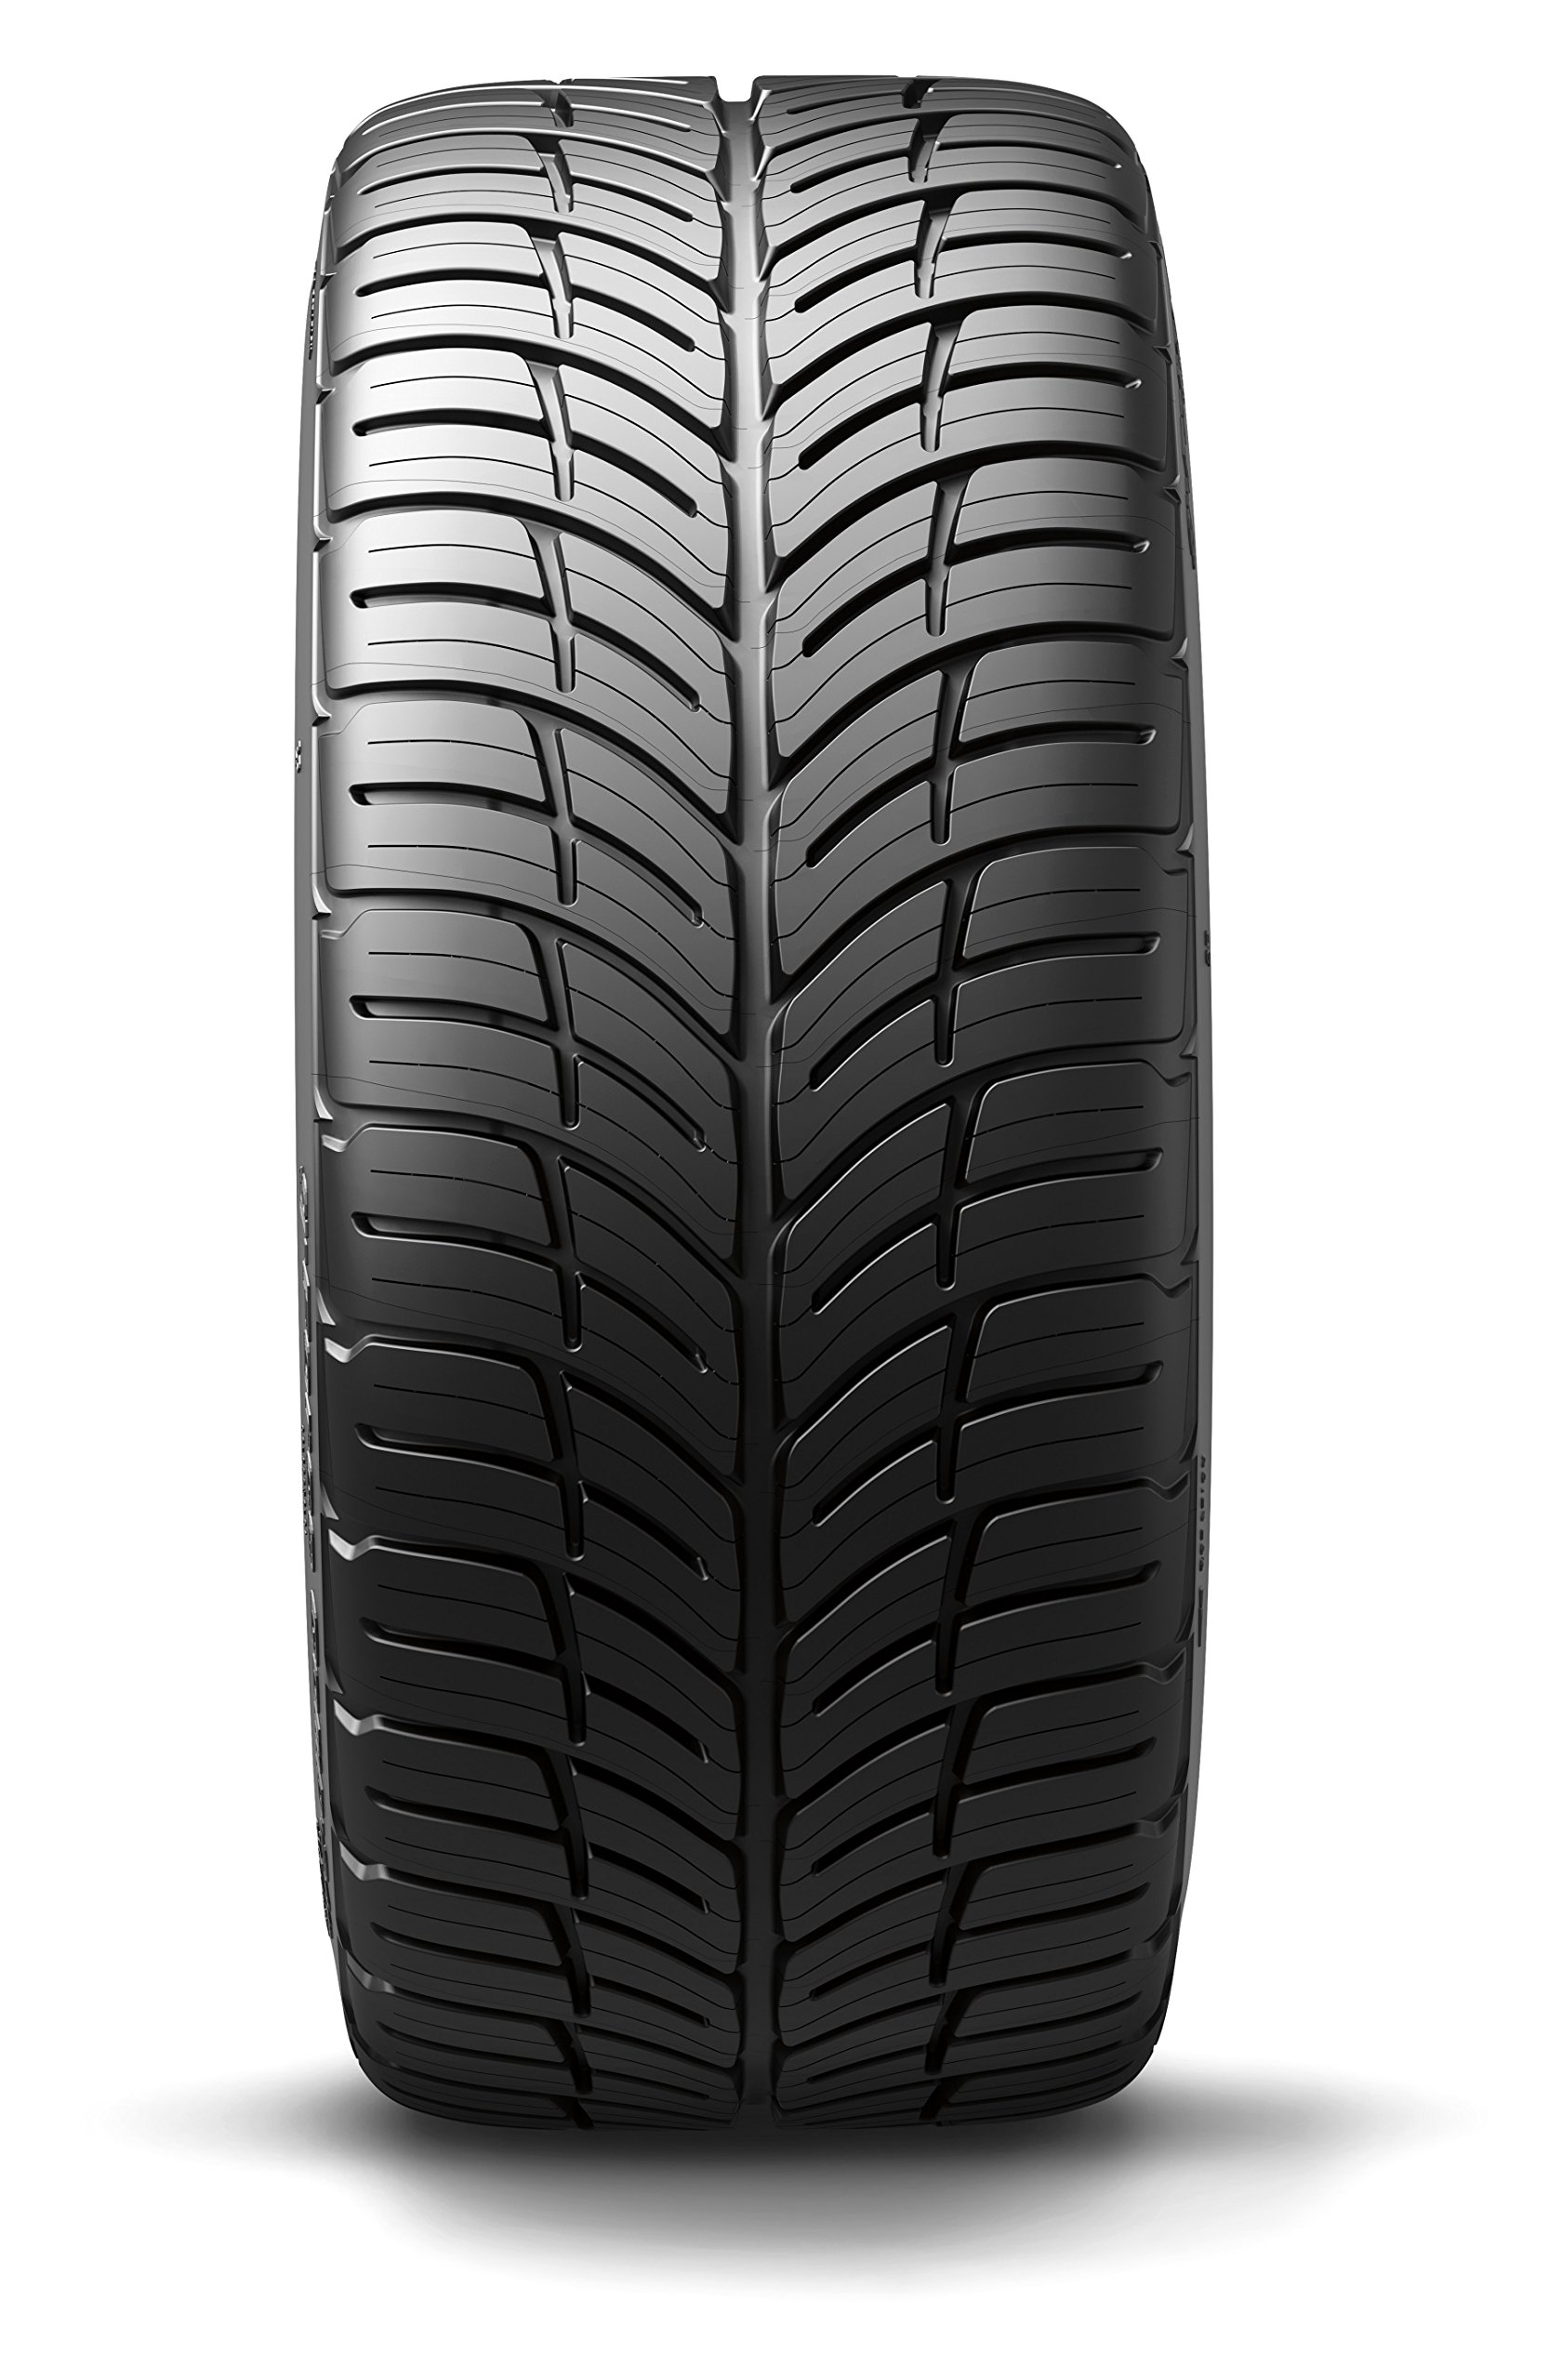 BFGoodrich g-Force COMP-2 A/S All-Season Radial Tire - 235/50ZR18 97W by BFGoodrich (Image #5)